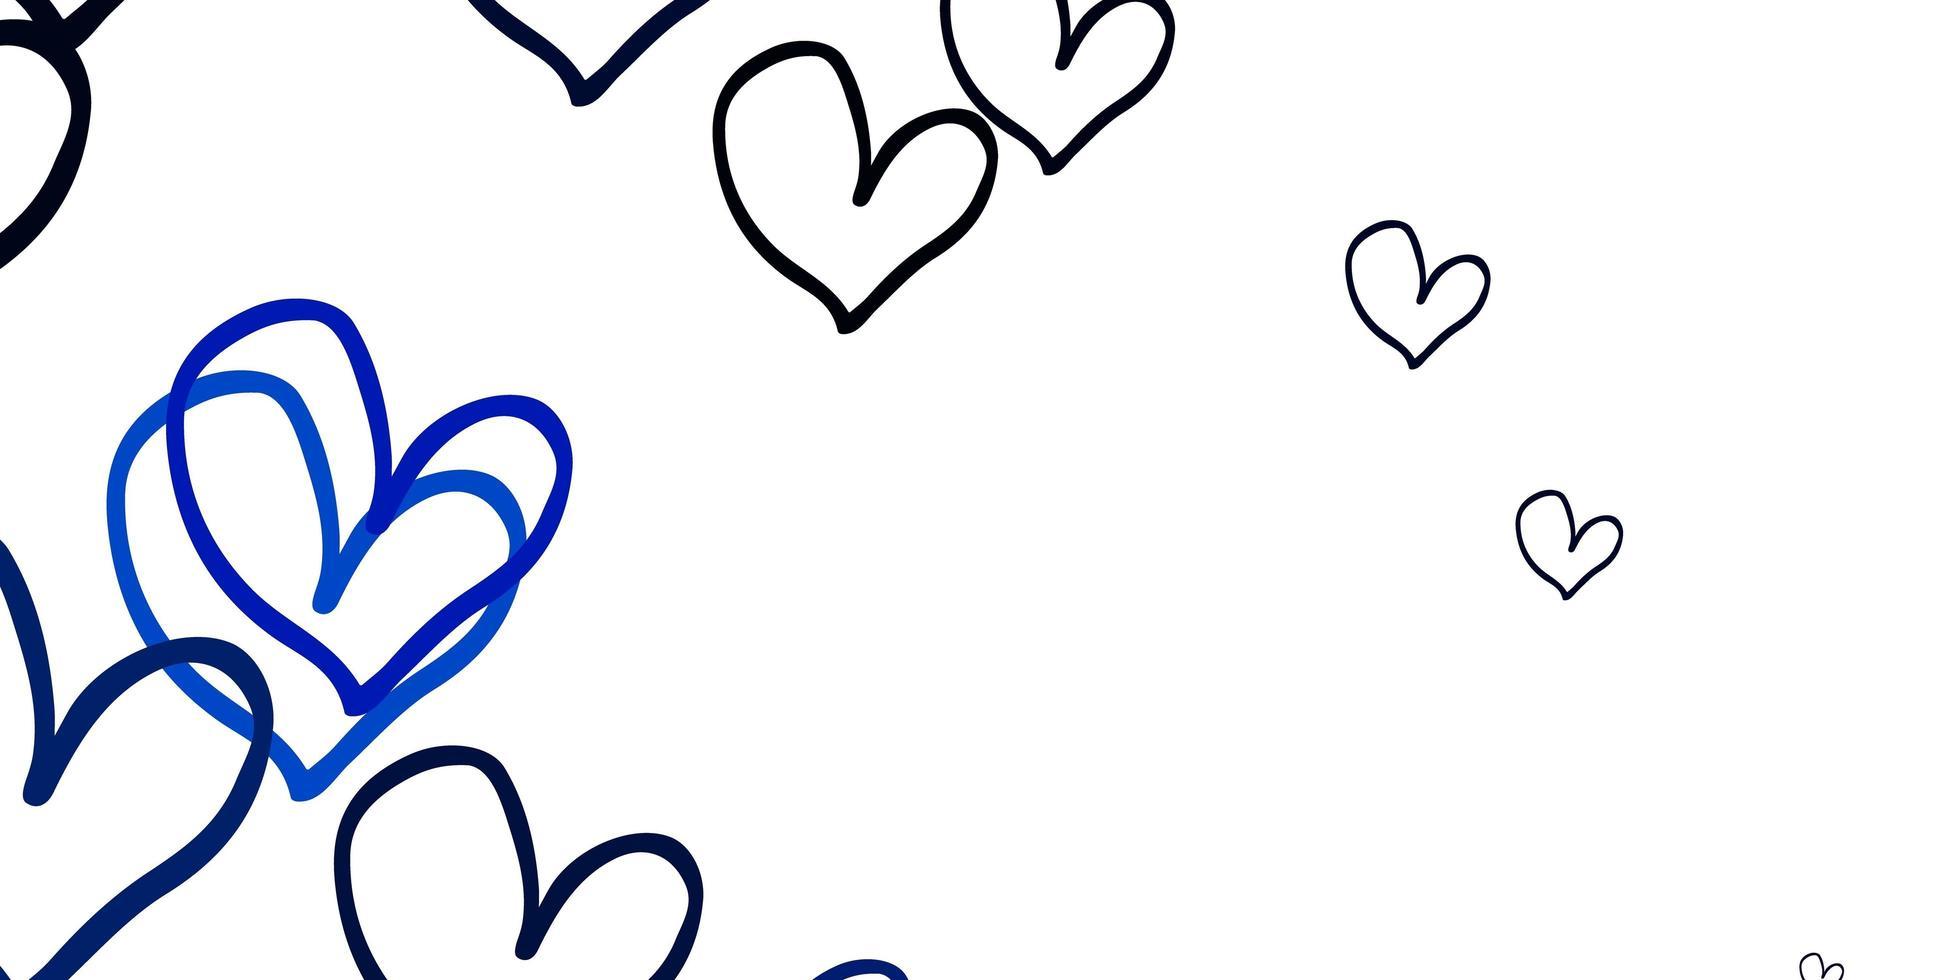 modelo de vetor azul claro com corações de doodle.